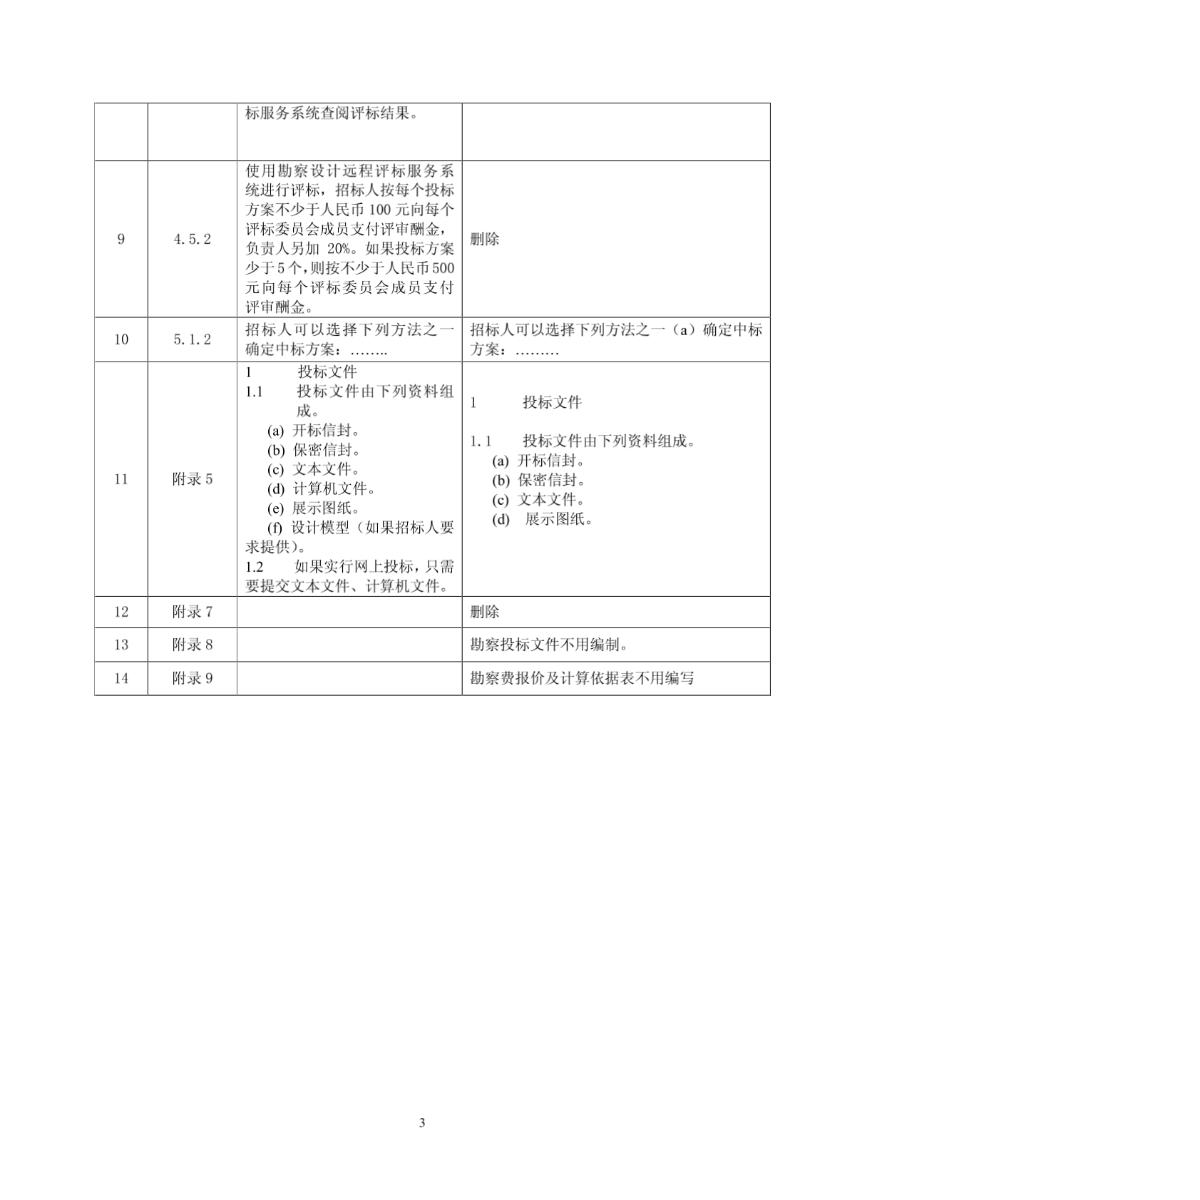 广东省农业机械研究所综合大楼工程勘察设计招标文件-图一